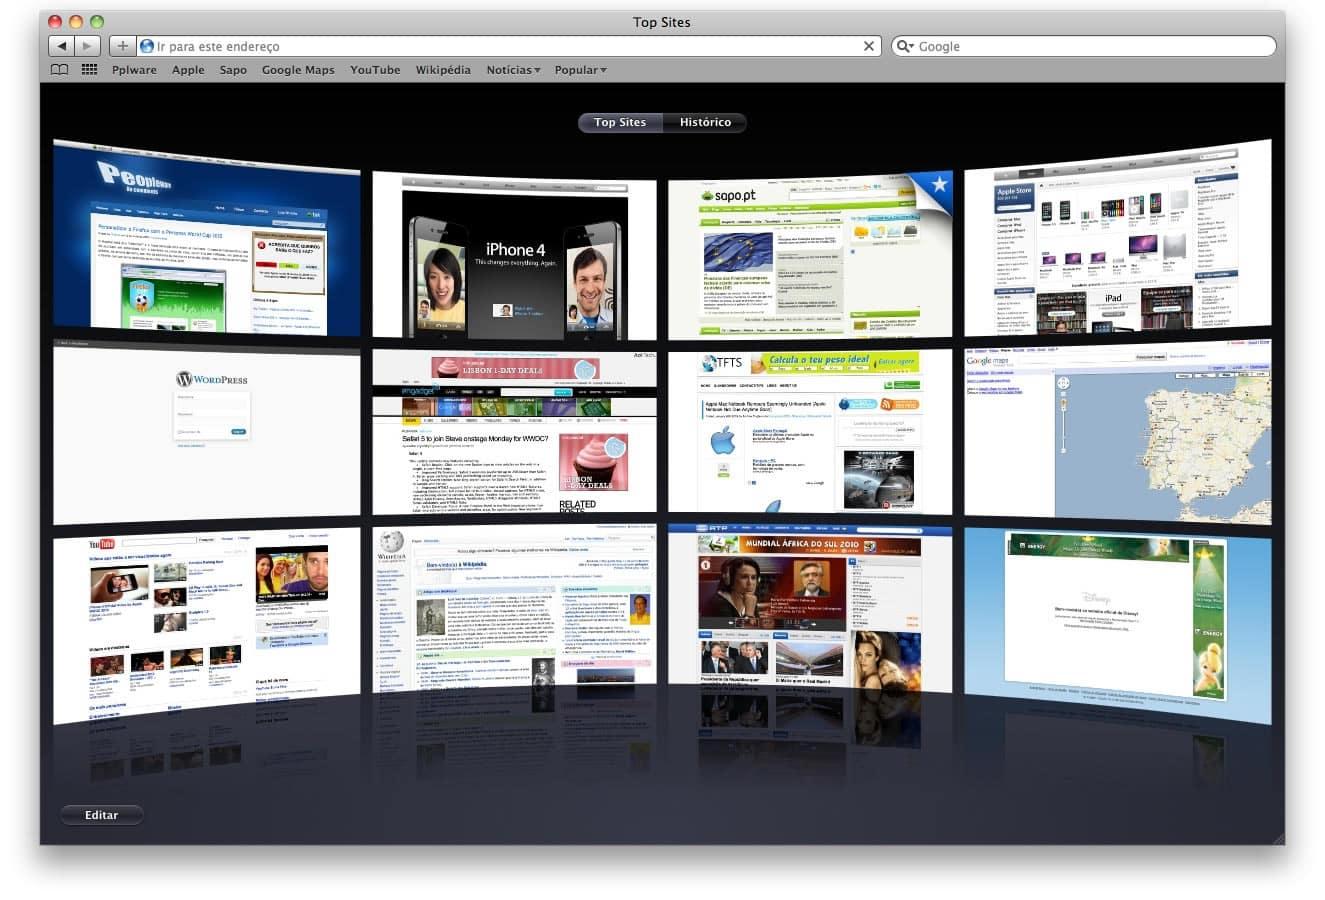 Safari es el principal navegador que tiene Freak en su encriptación.